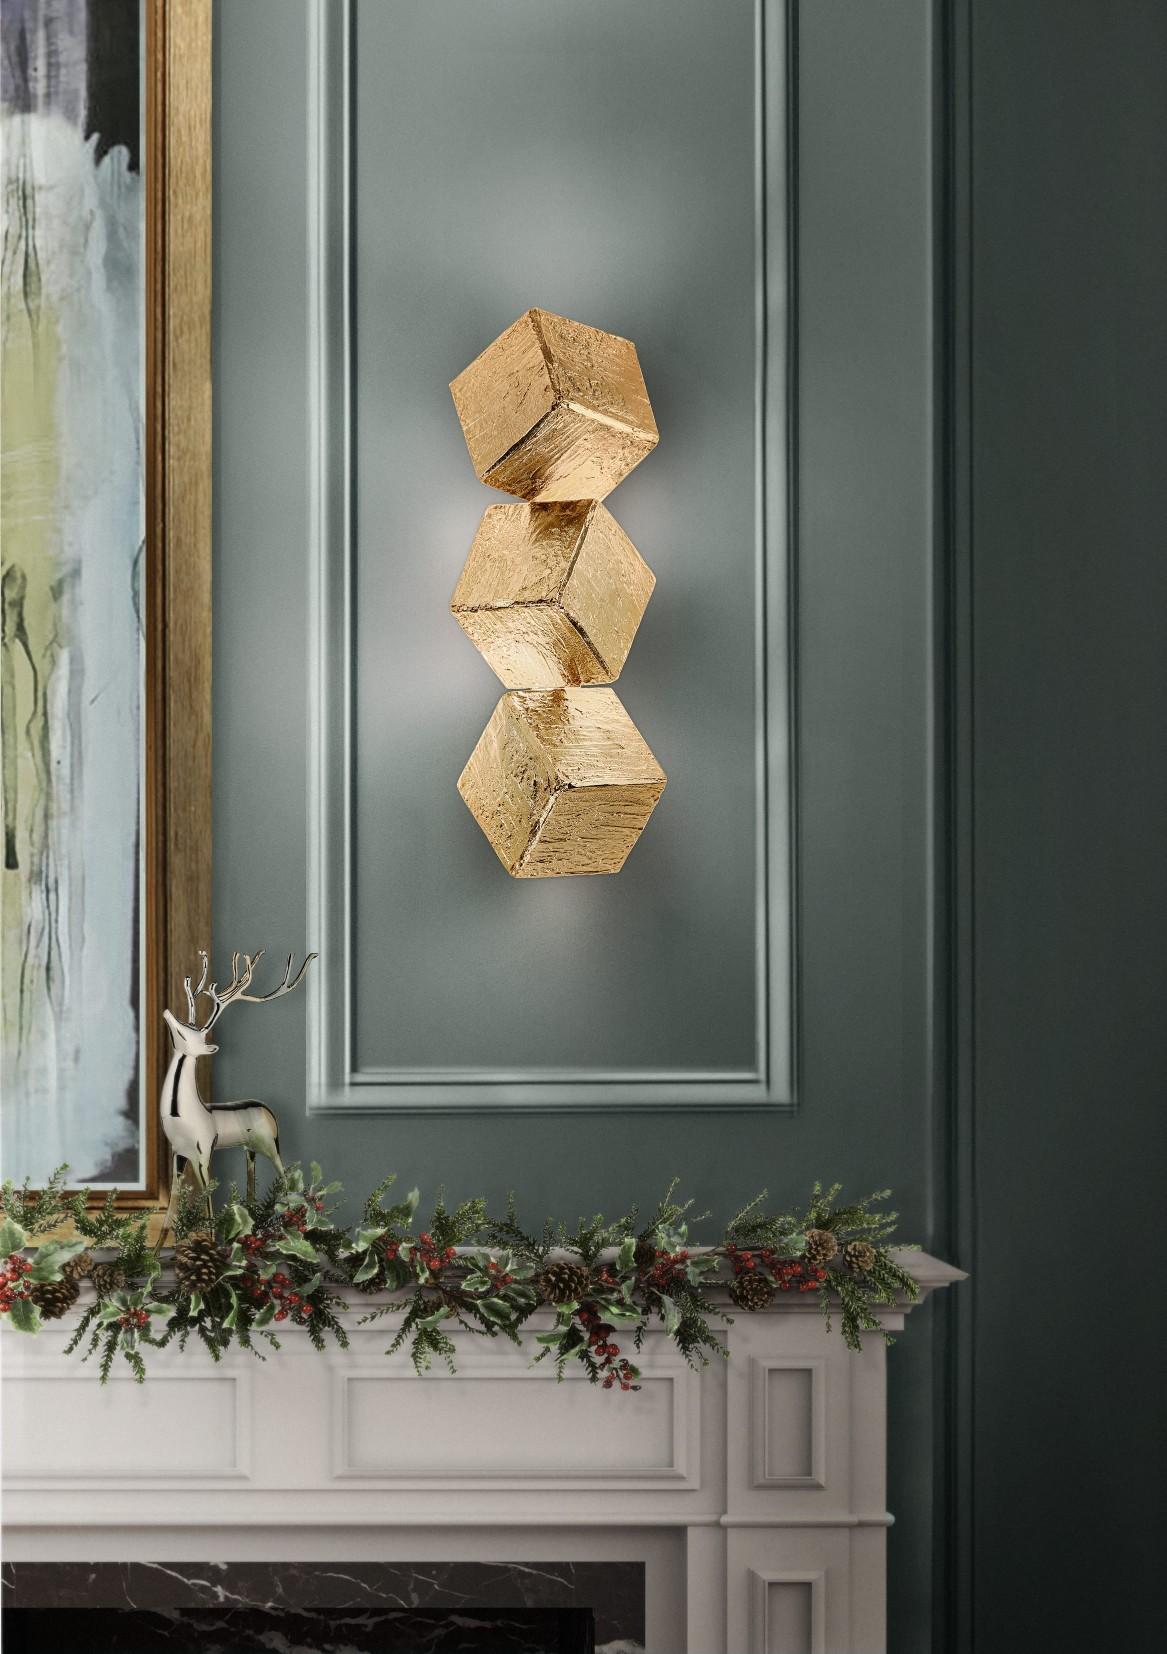 Рождественский декор 2019 Рождественский декор 2019 cubic wall